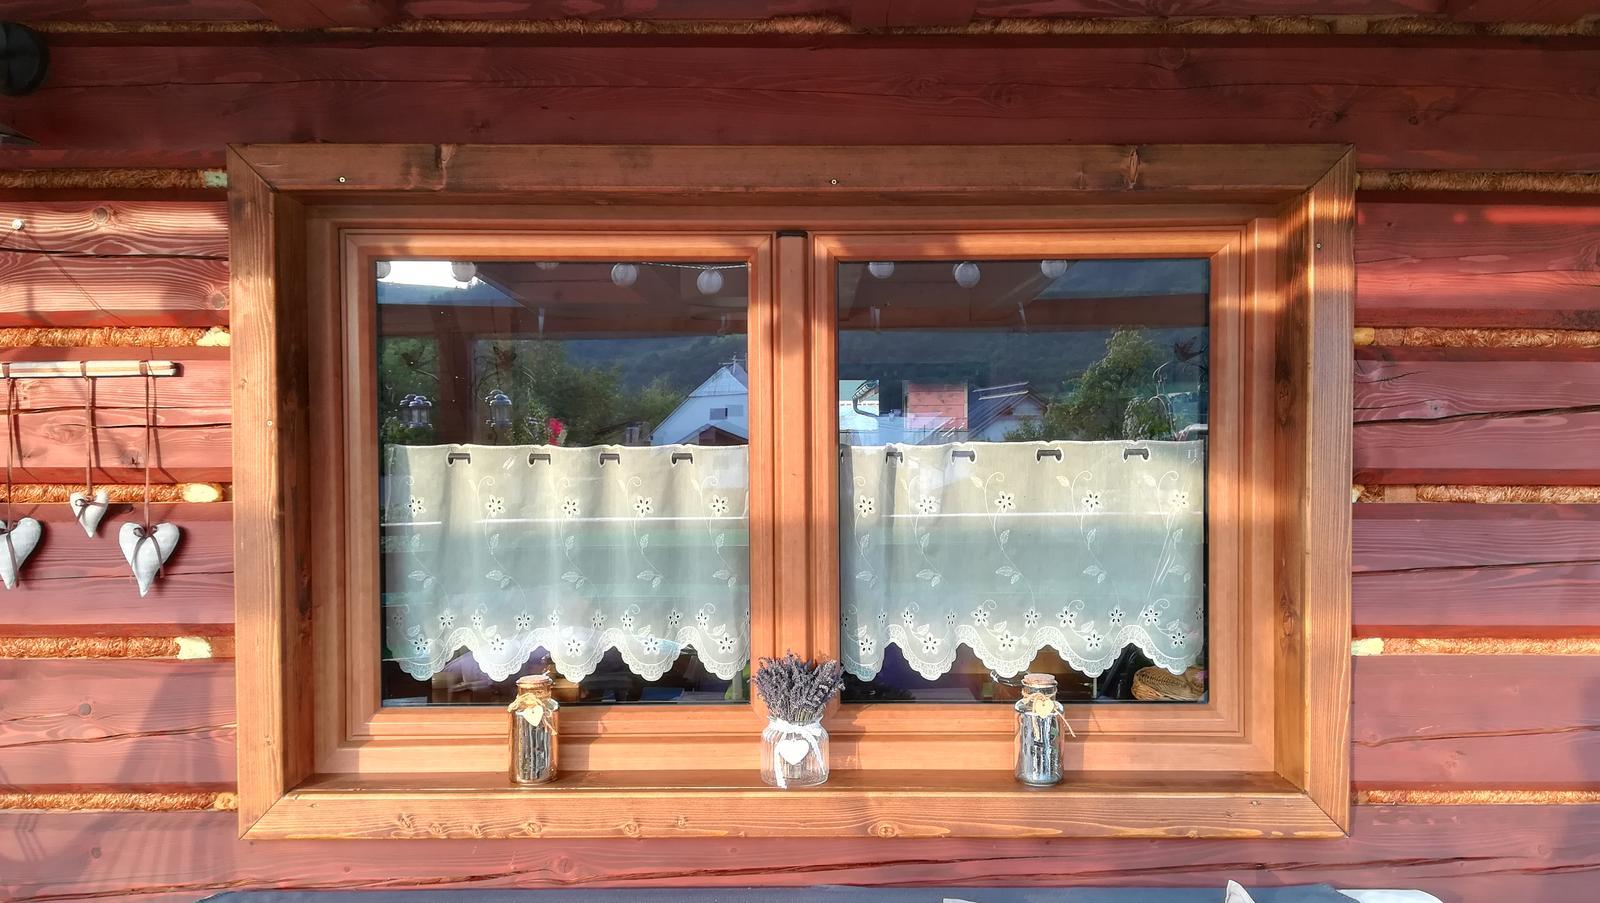 Náš veľký sen o drevenom domčeku! - Obrázok č. 620